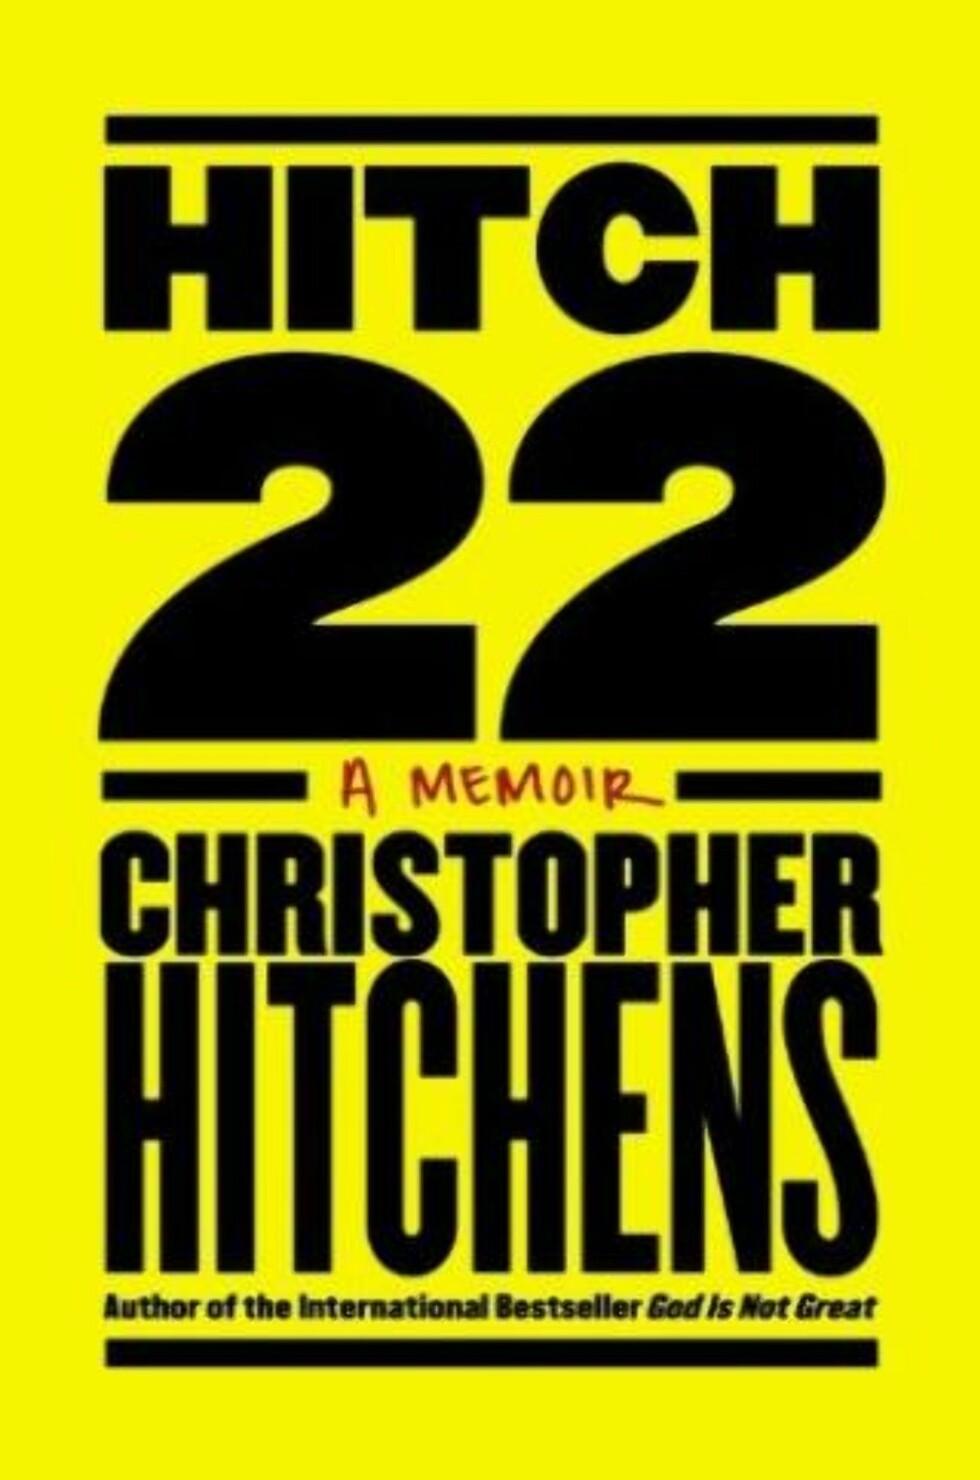 <strong>«Hitch 22»:</strong> Hitchens' hovedårsak for å skrive er trolig et behov for å bli husket og snakket om, tror artikkelforfatteren.